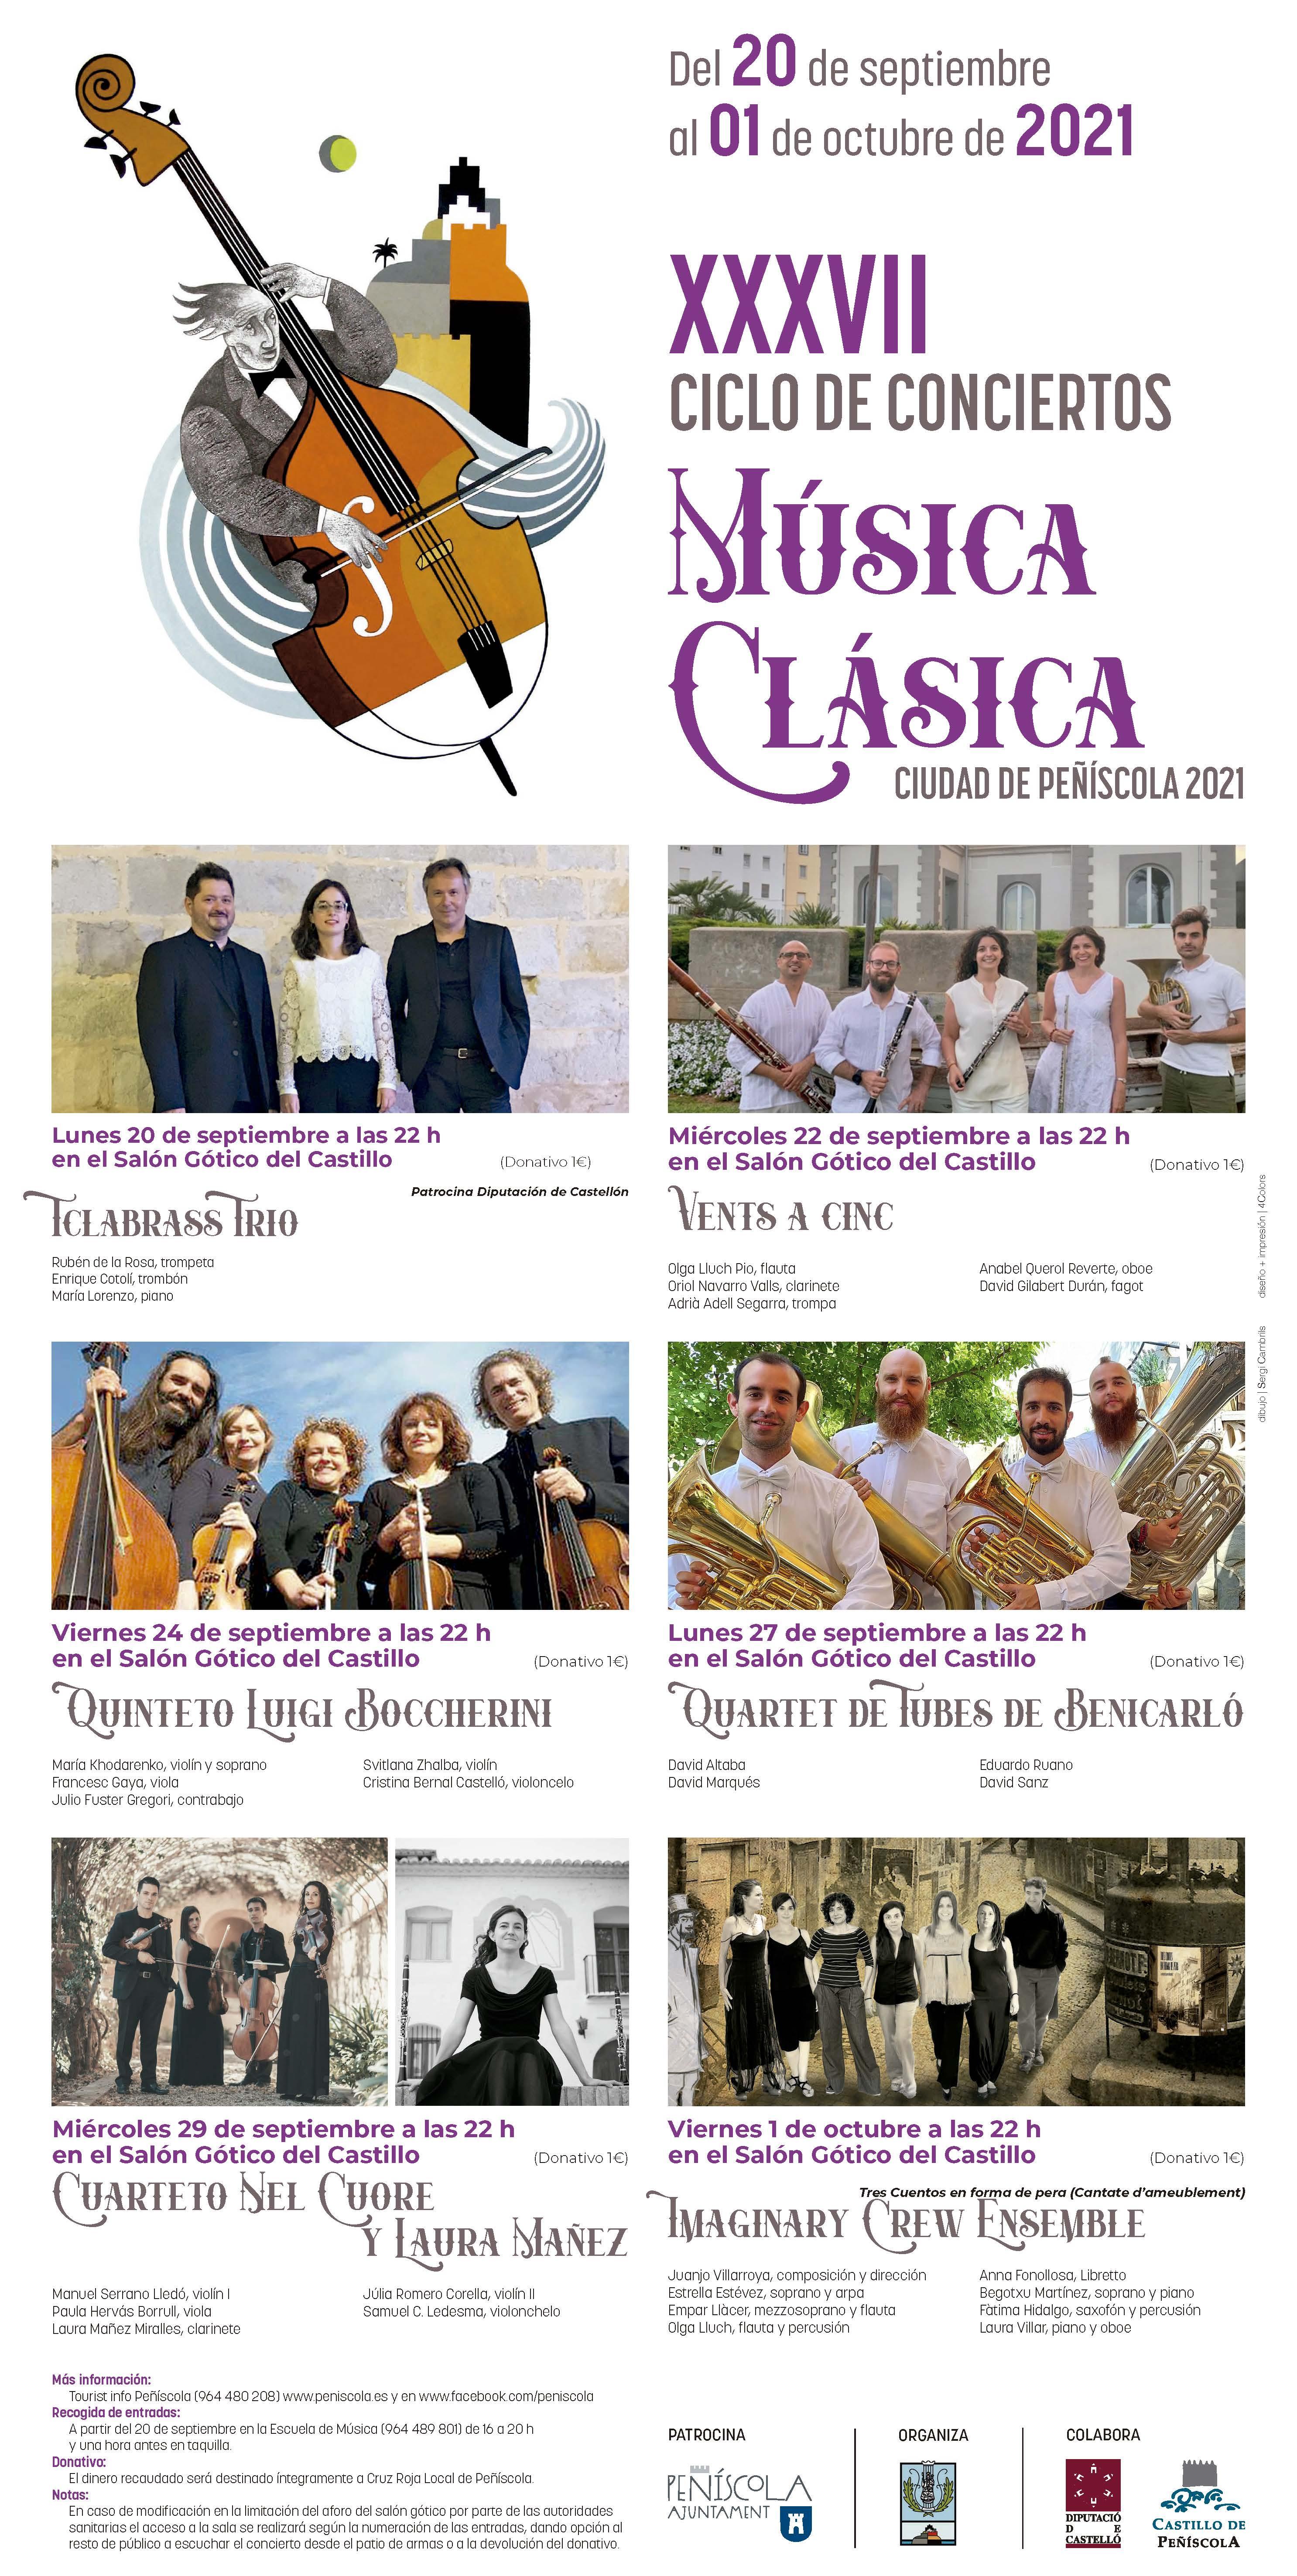 XXXVII CICLO DE CONCIERTOS Música Clásica